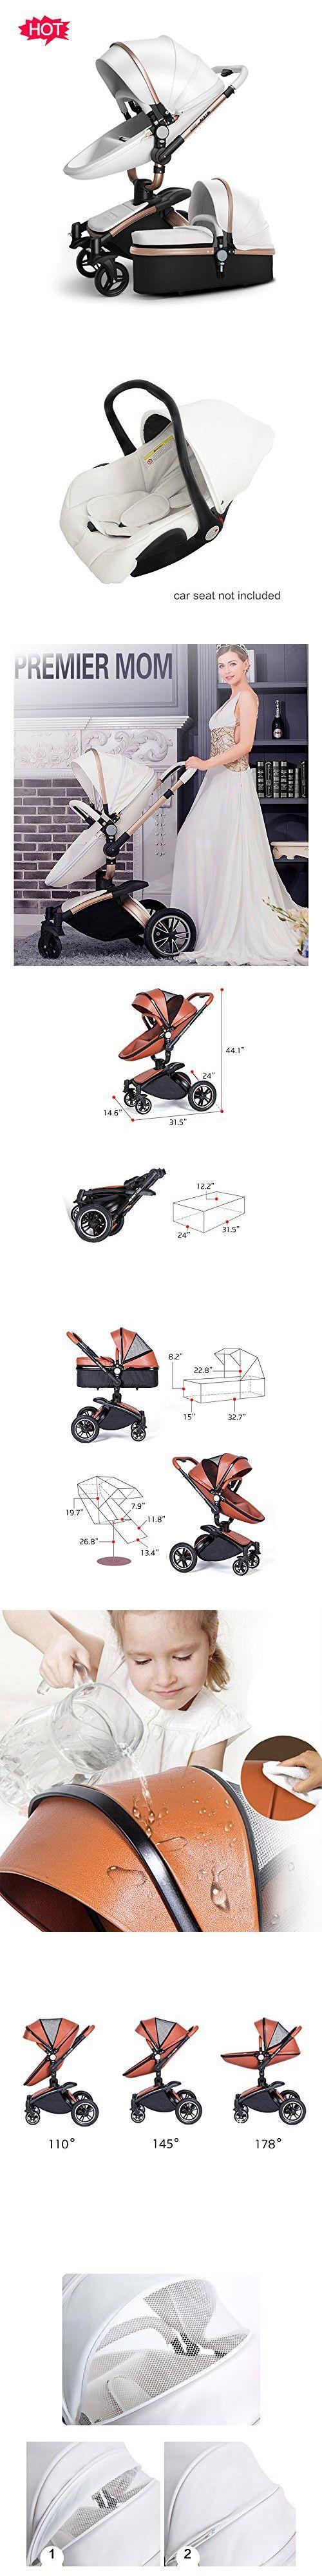 Homespon Infant Shock-resistant Stroller Baby Pram Travel System and Bassinet Combo-White